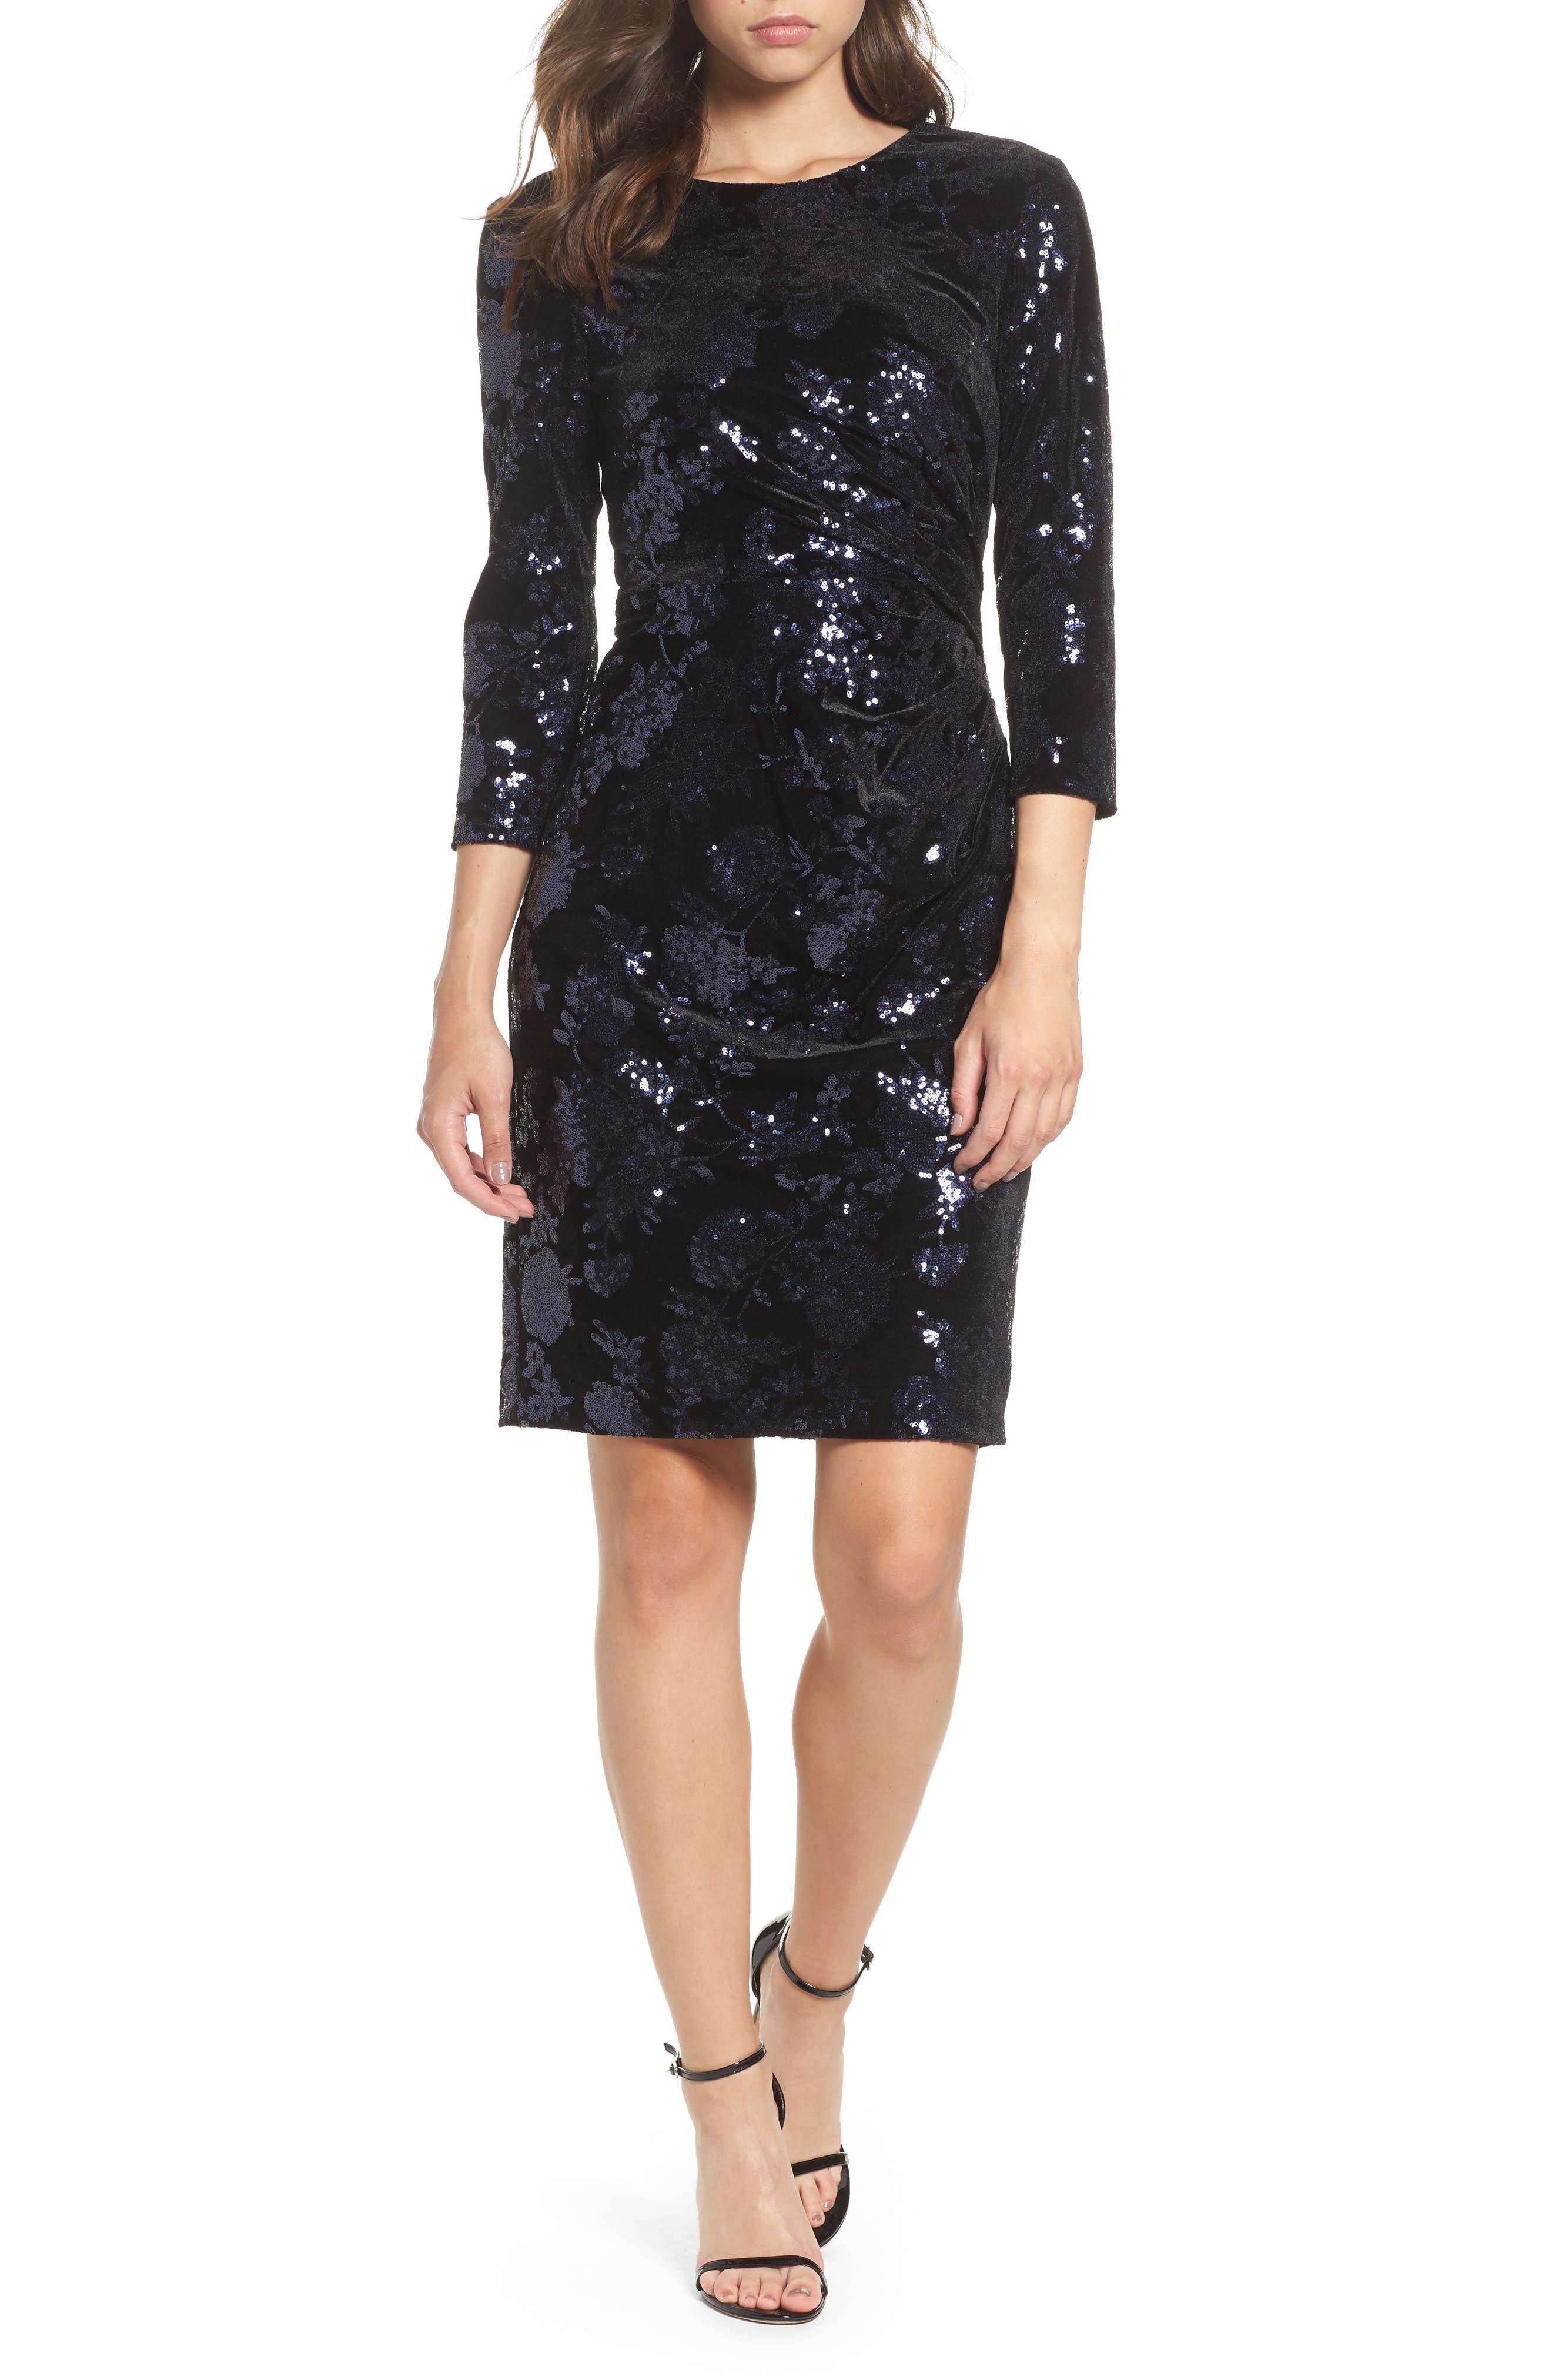 Alternate Image 1 Selected - Eliza J Sequin Embellished Sheath Dress